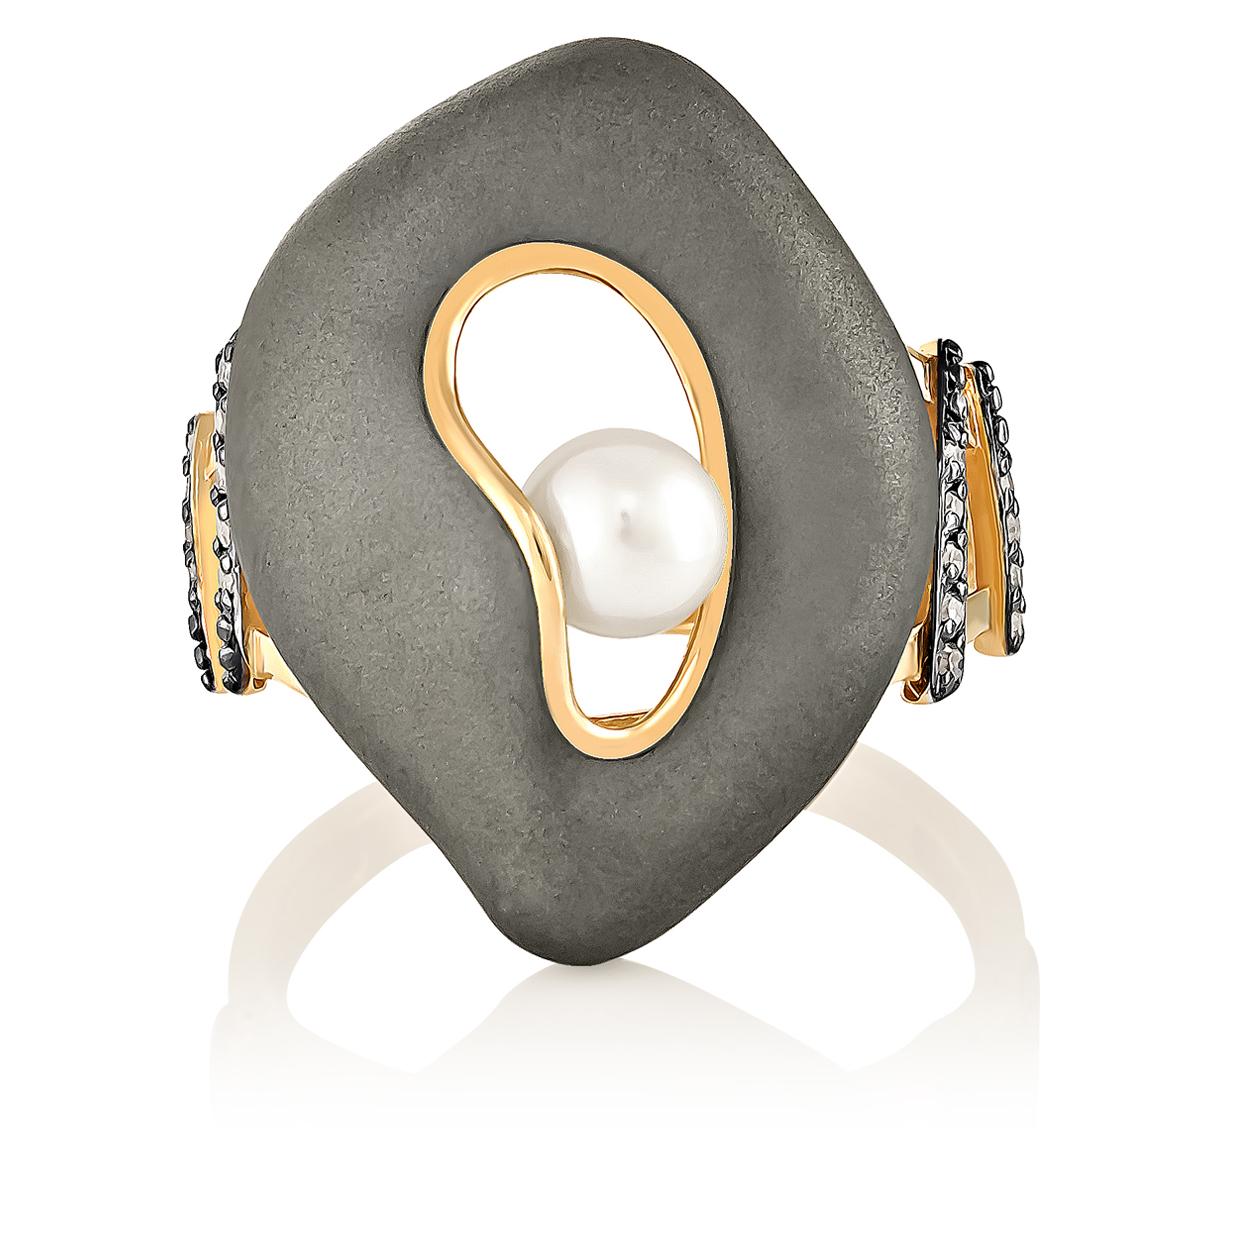 Золотое кольцо Бриллиант и Жемчуг арт. 11-0992-1500 11-0992-1500